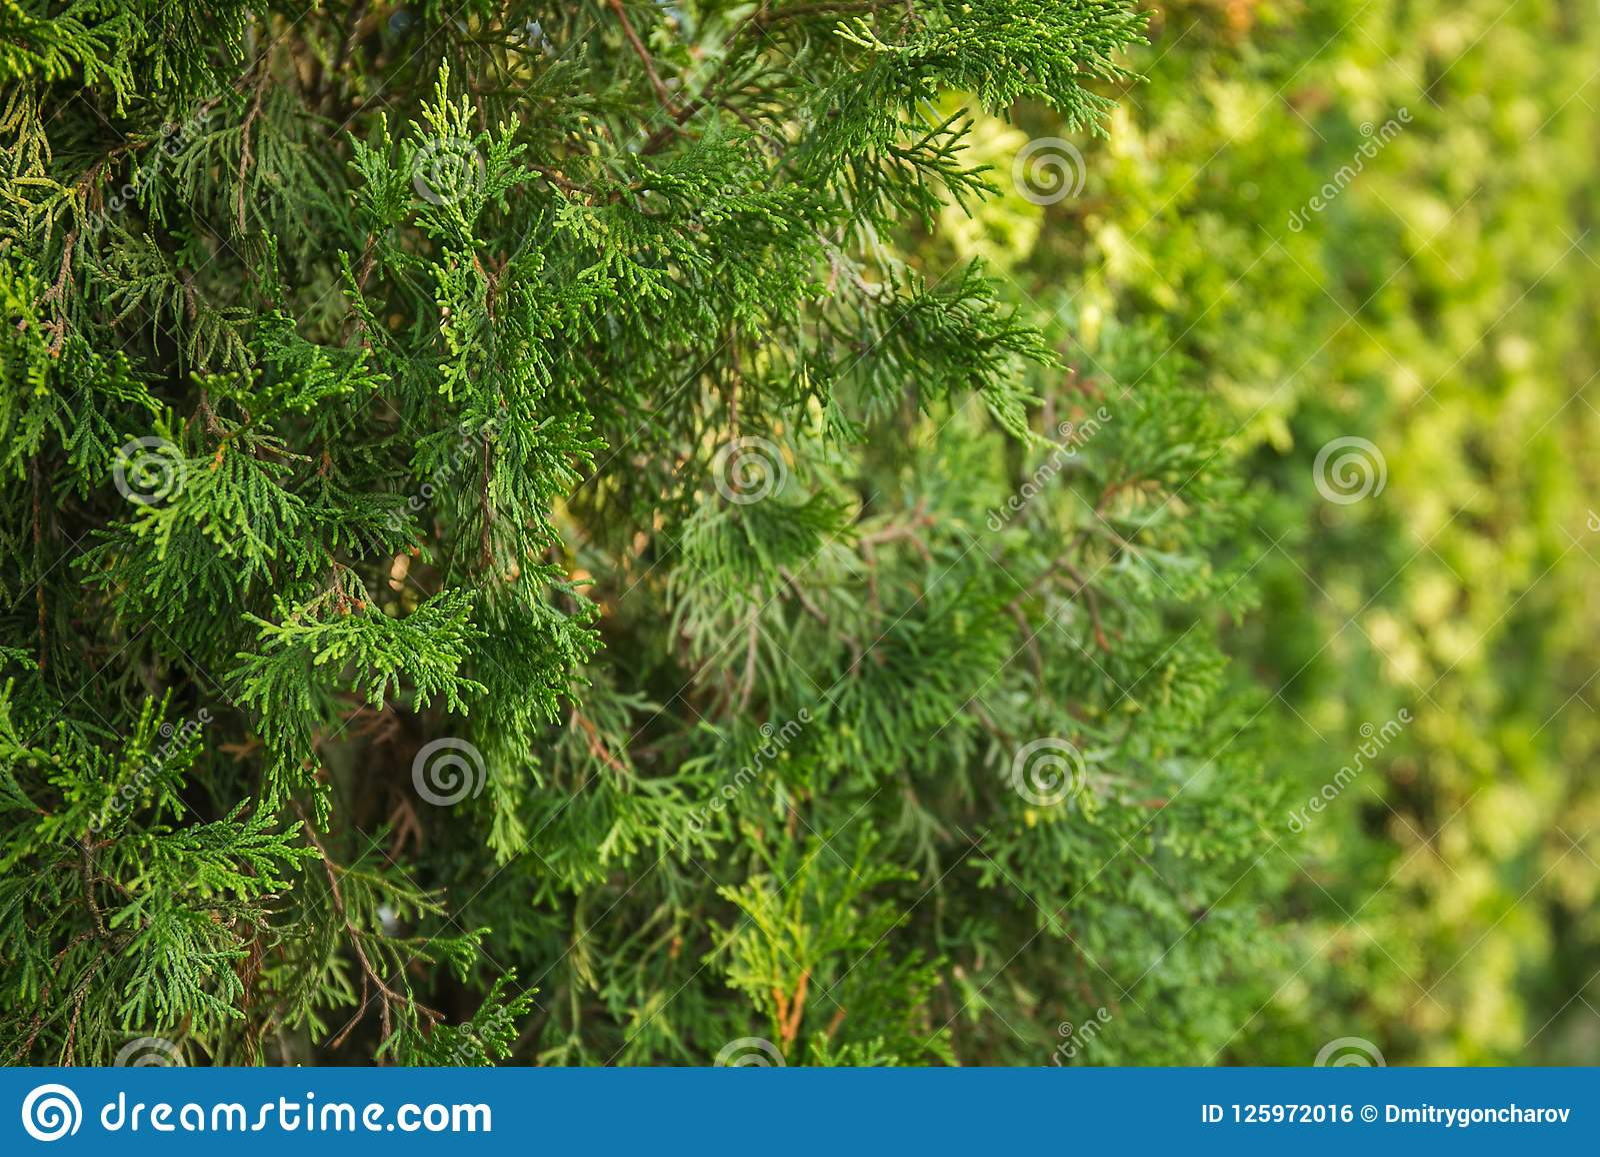 Mooie groene Kerstmisbladeren van Thuja-bomen Het Thujatakje, Thuja-occidentalis is een altijdgroene naaldboom